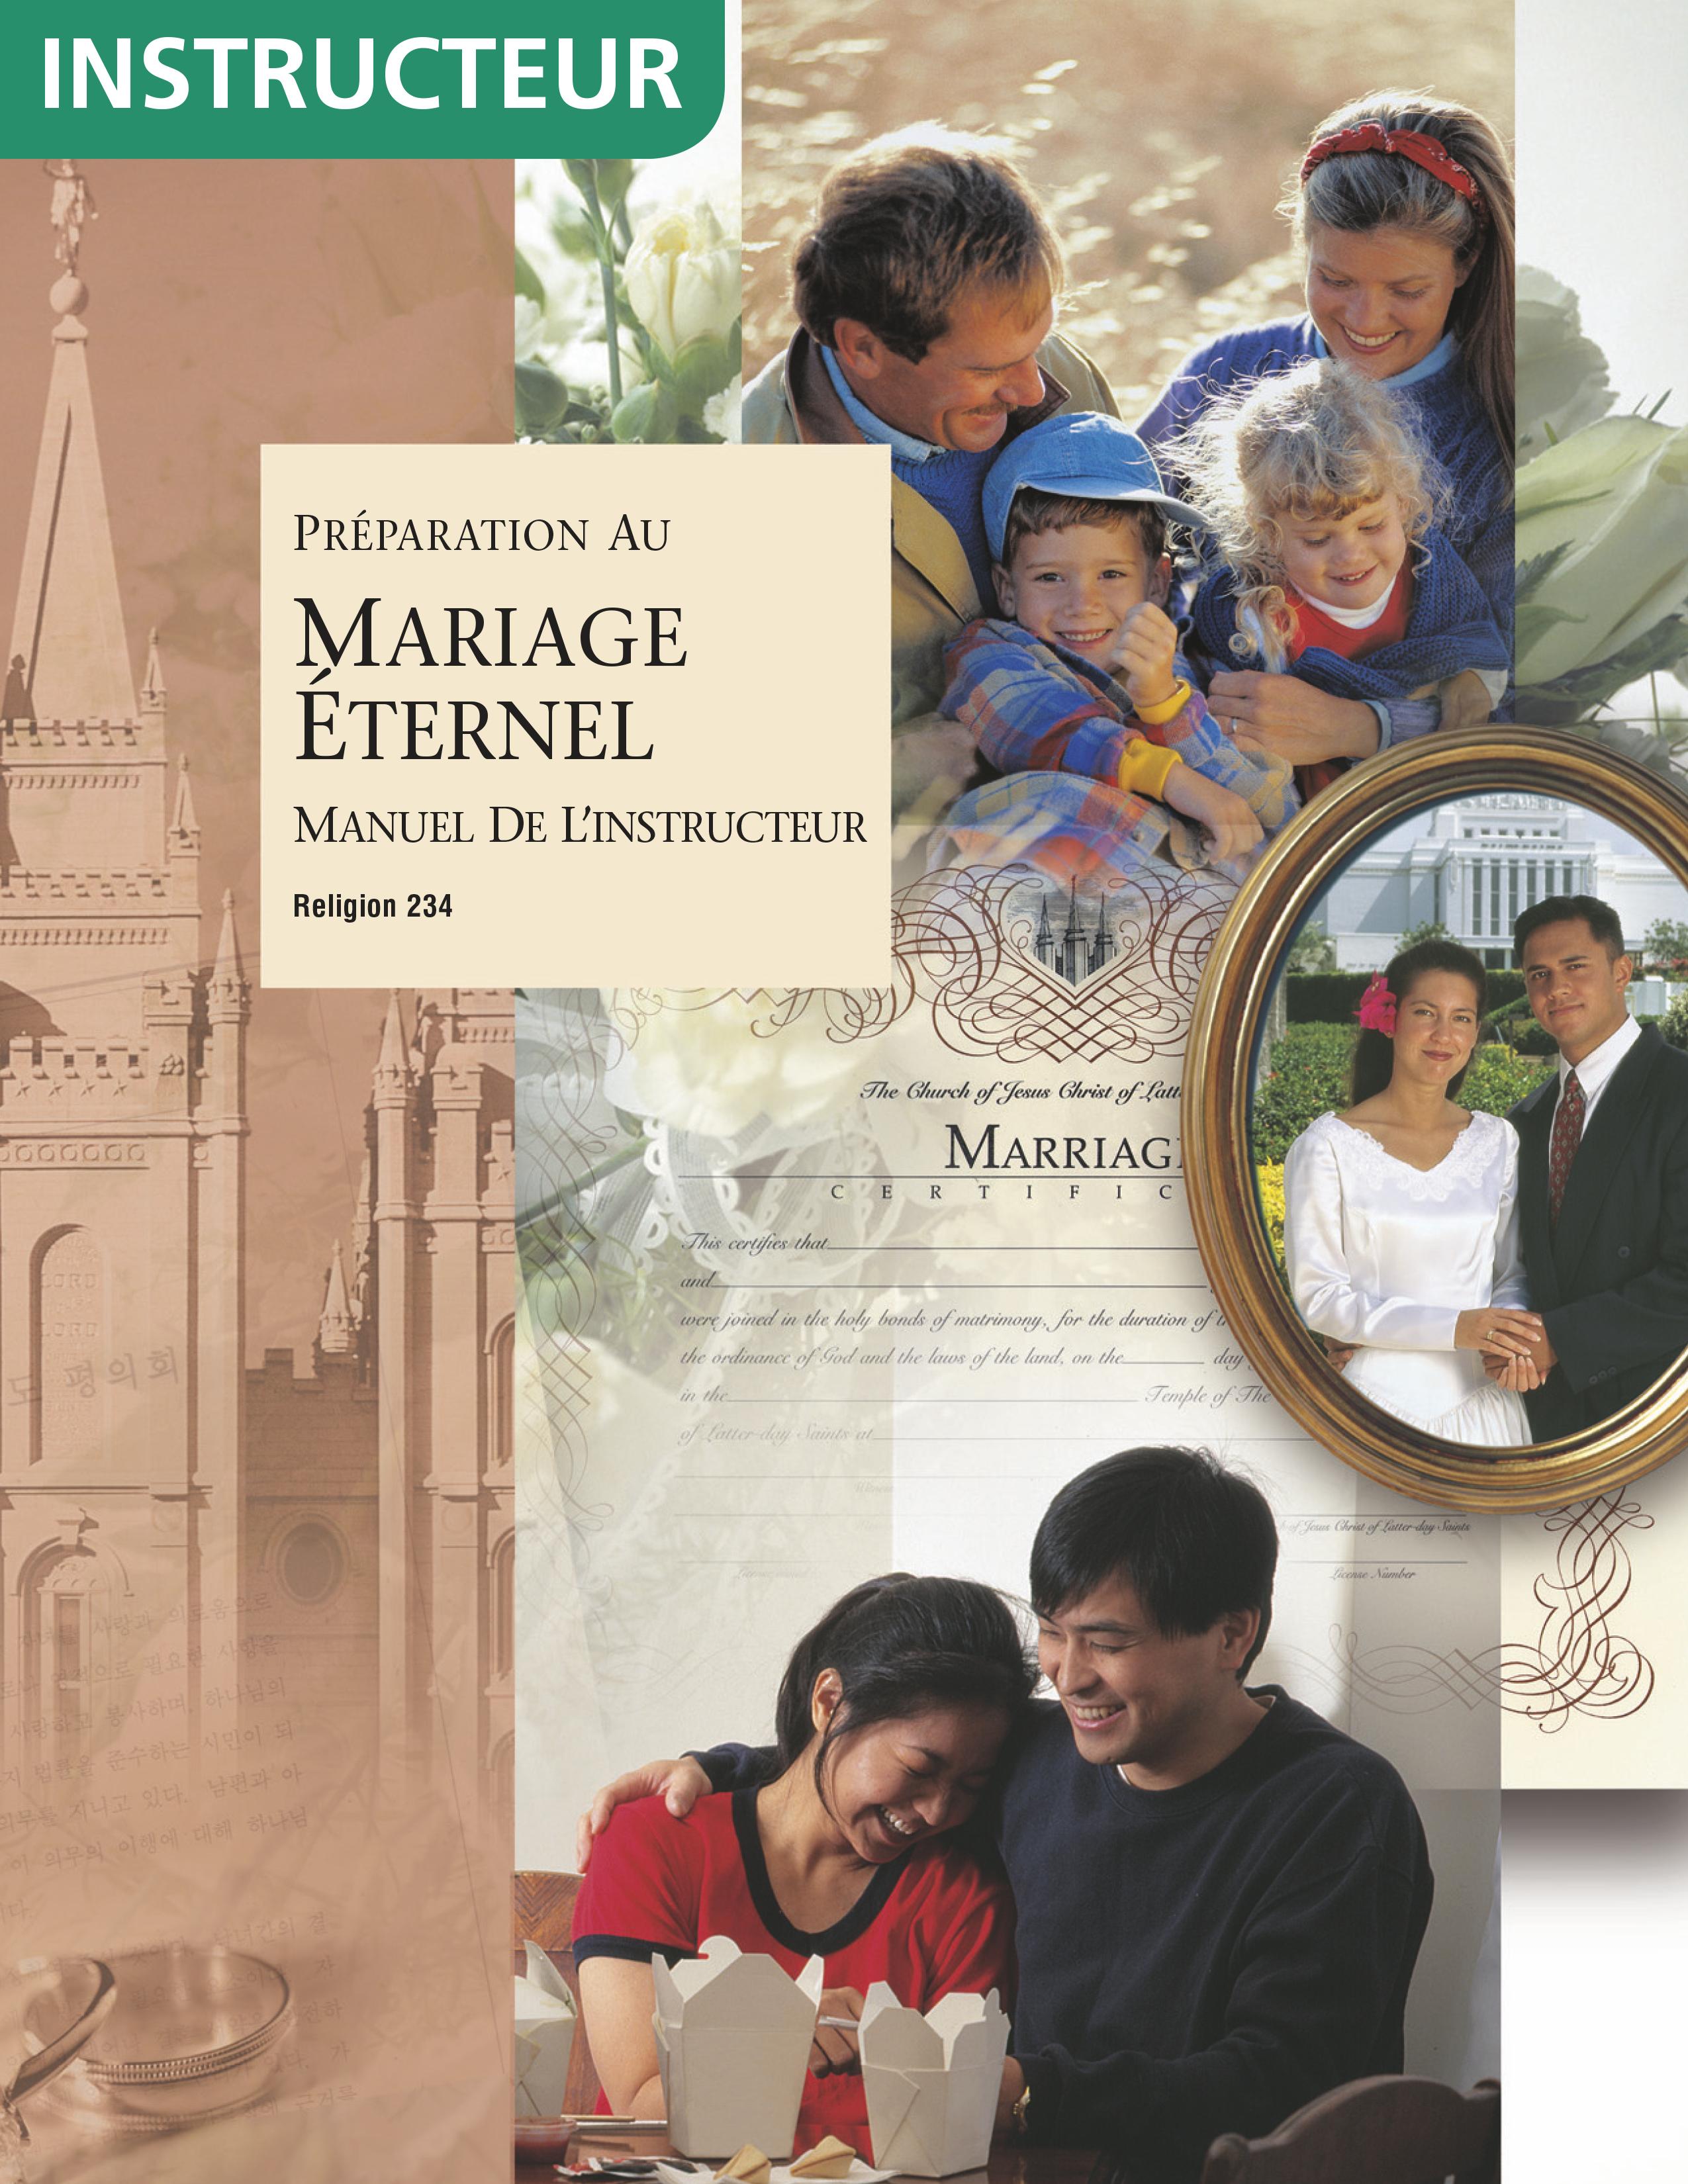 Préparation au mariage éternel, manuel de l'instructeur (Religion 234)